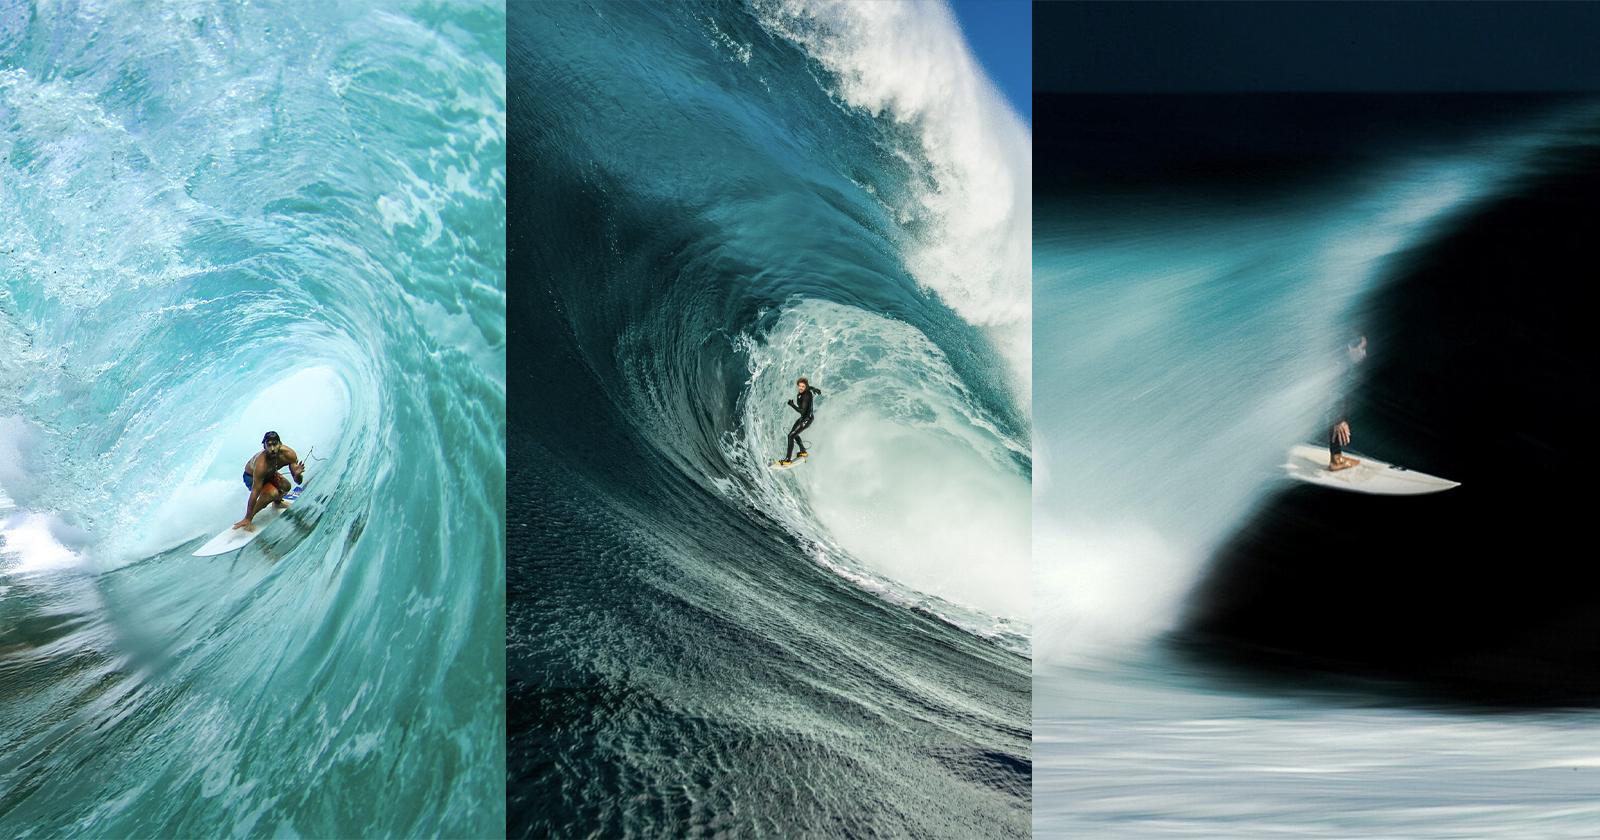 I vincitori dei premi Nikon Surf Photo and Video of the Year 2021